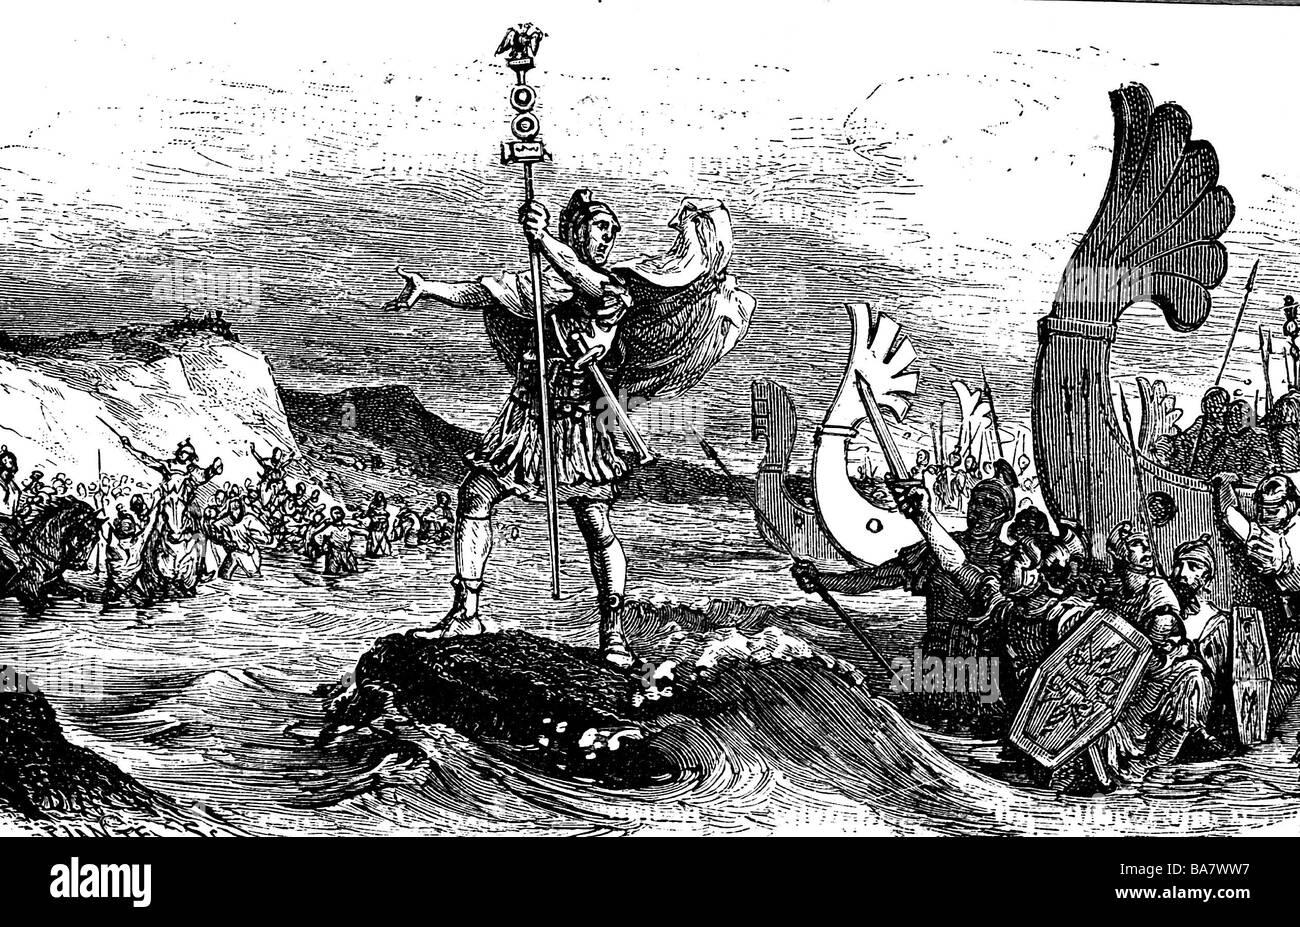 Gallic War 58 - 51 BC, the Romans under proconsul Caius Julius Caesar debarking in Britannia, 55 BC, of the aquilifer - Stock Image